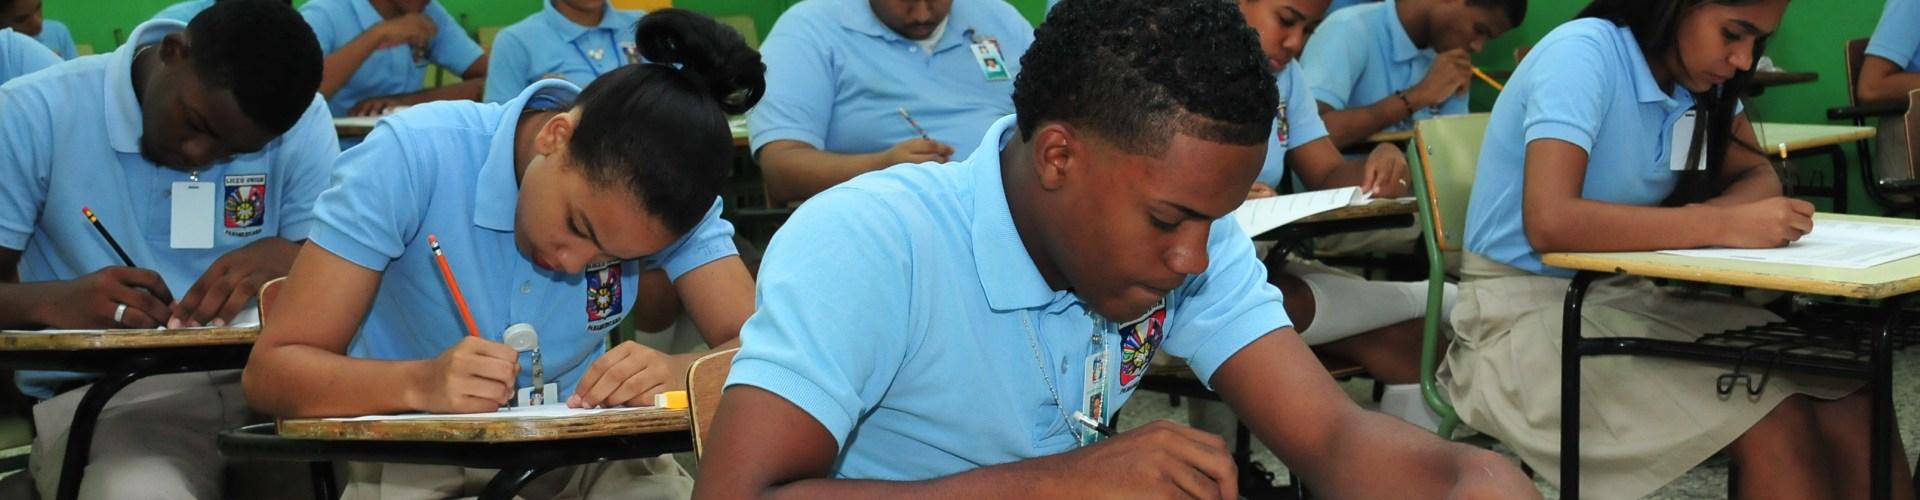 Impacto de revolución educativa es positivo